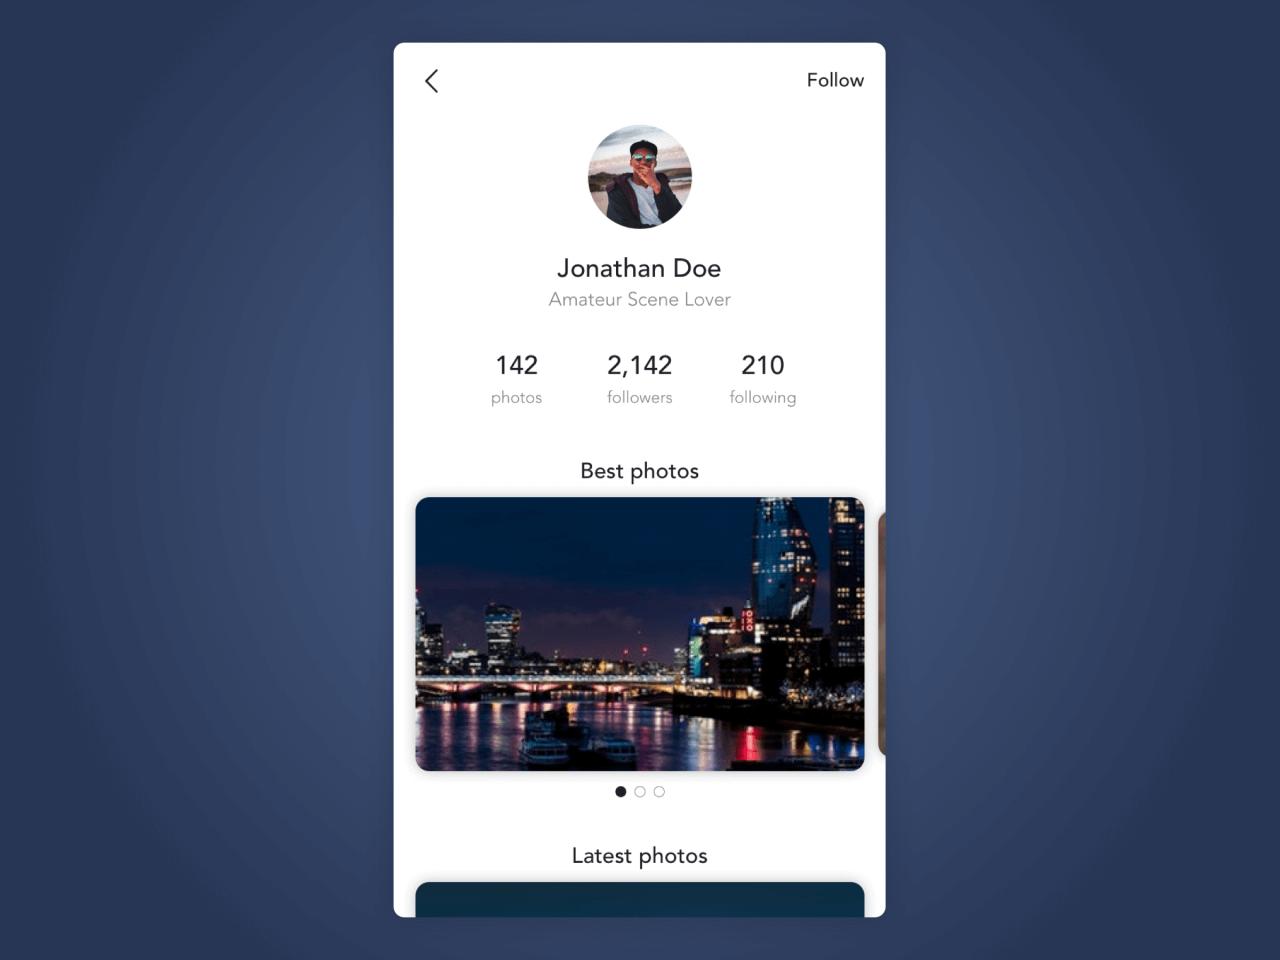 Jak by mohl vypadat profil uživatele v aplikaci pro sdílení fotografií.